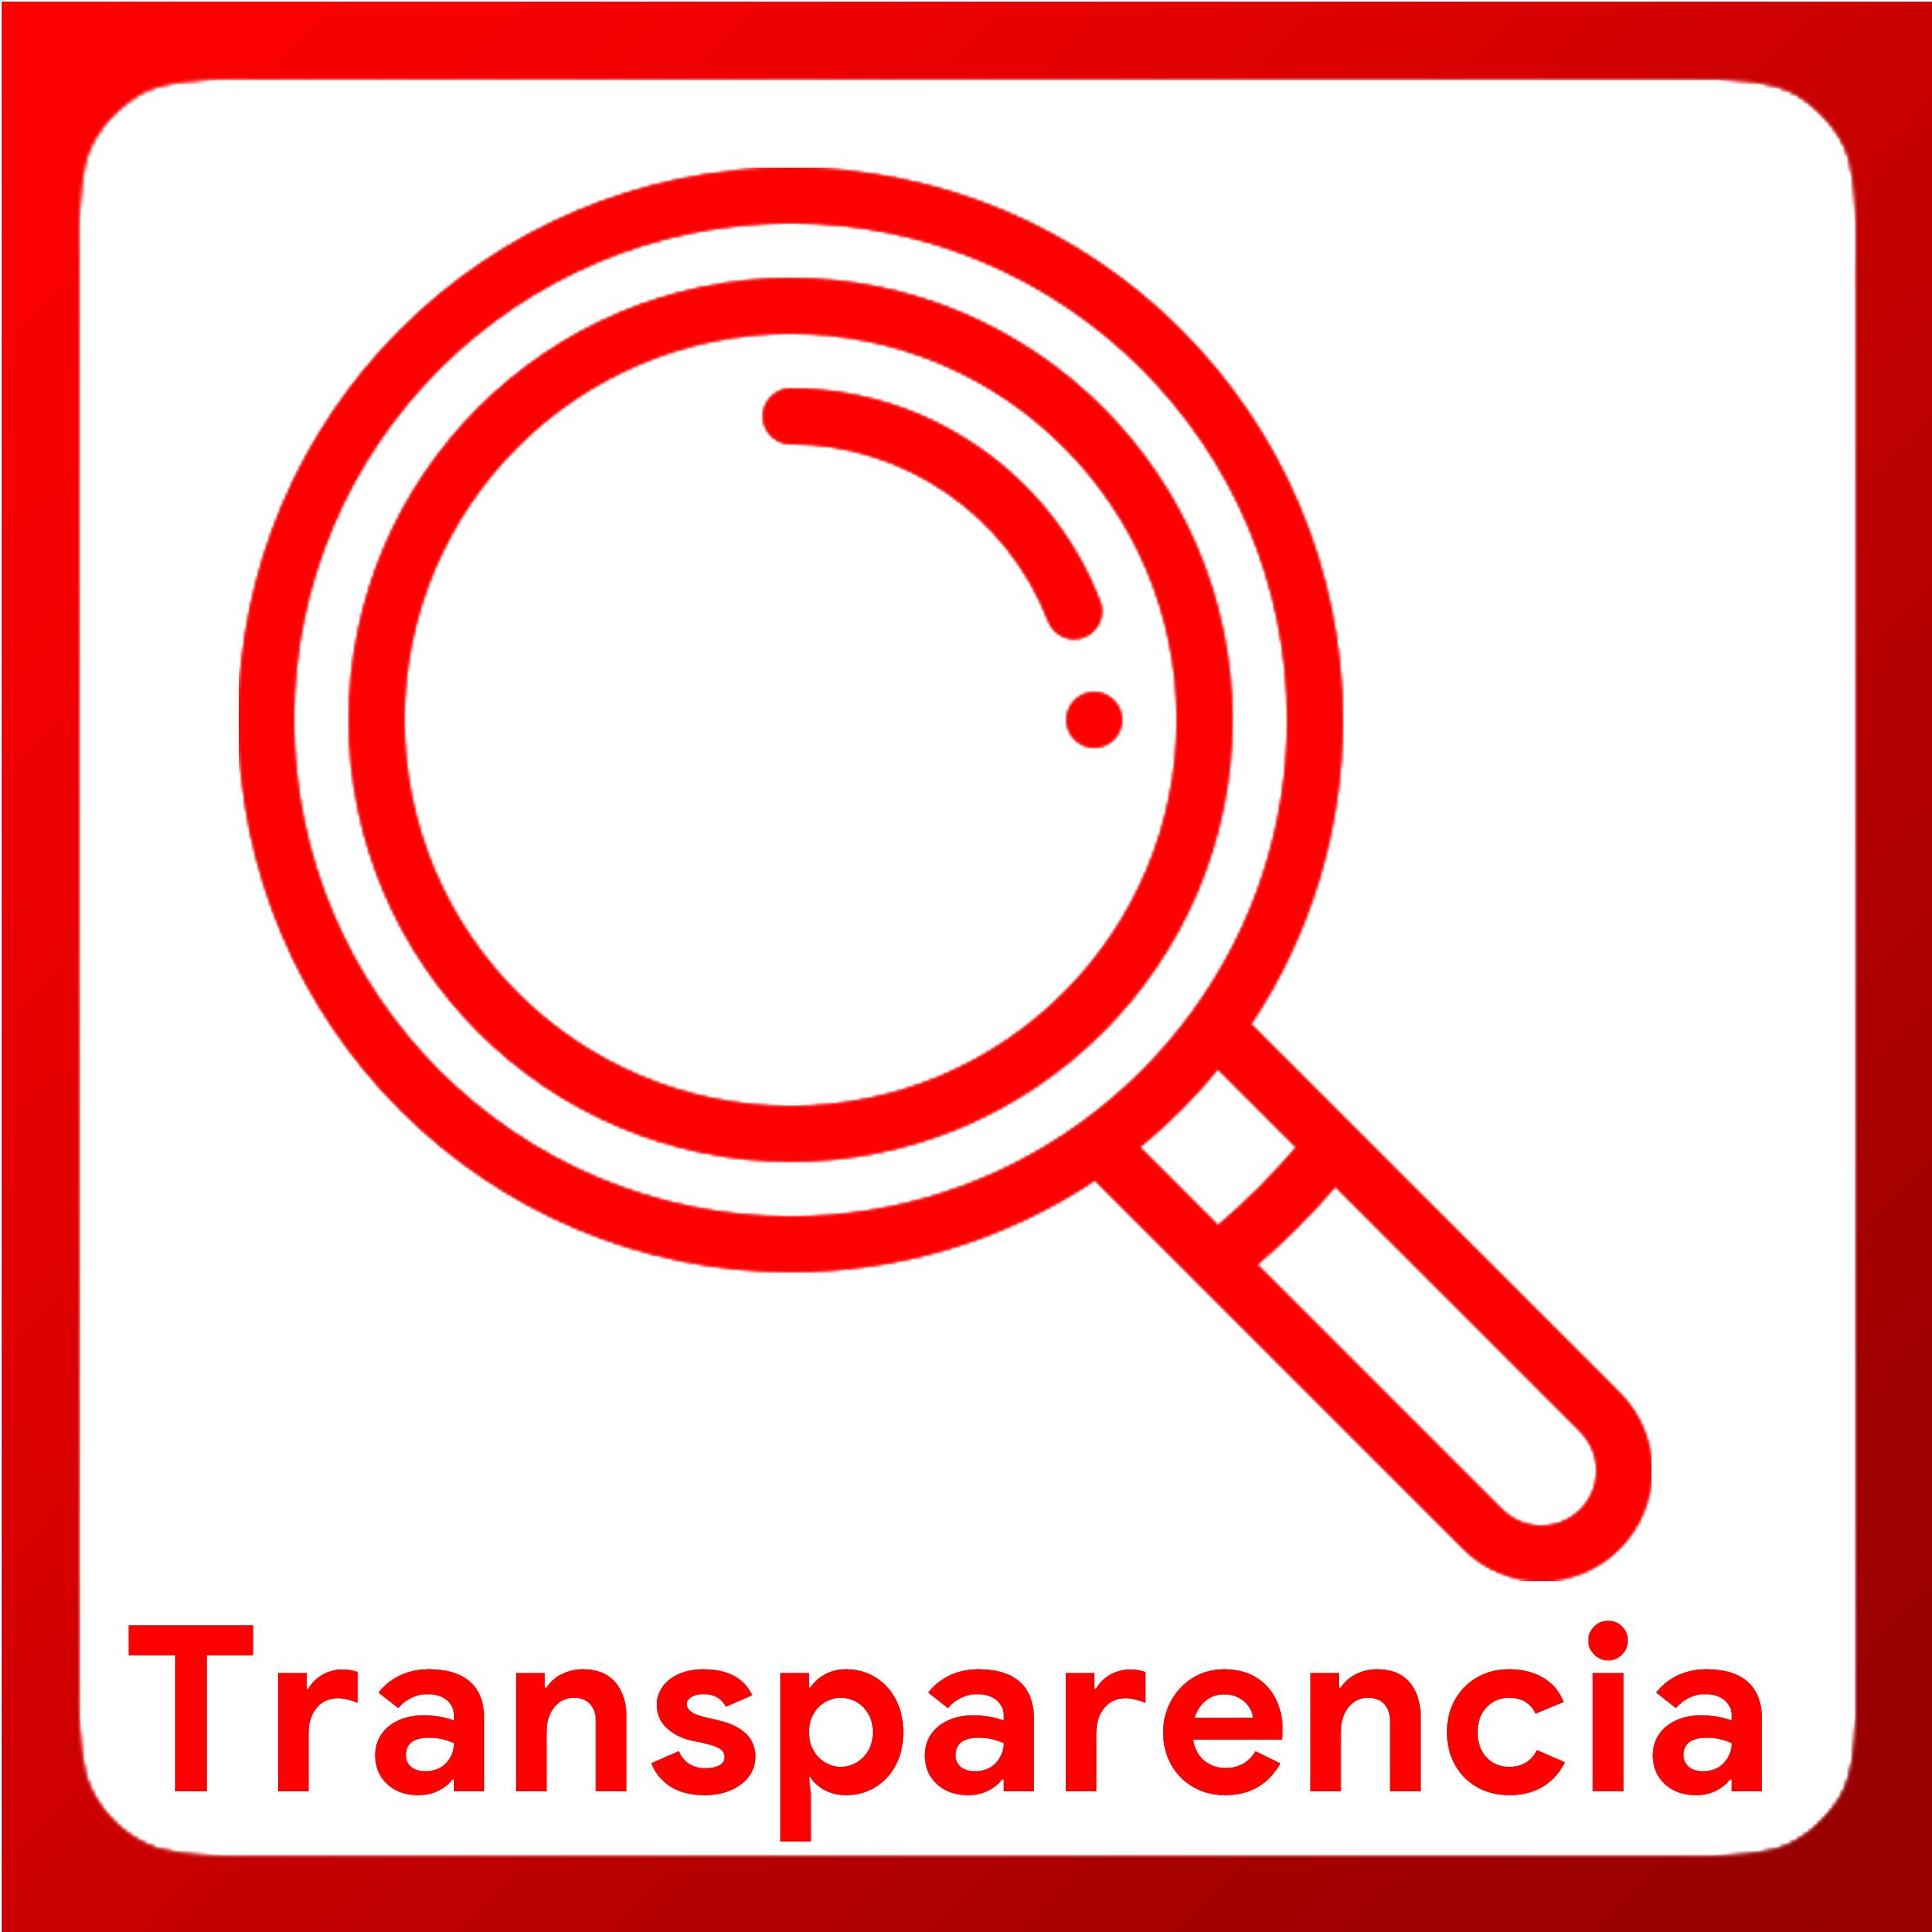 Boton activable de Transparencia